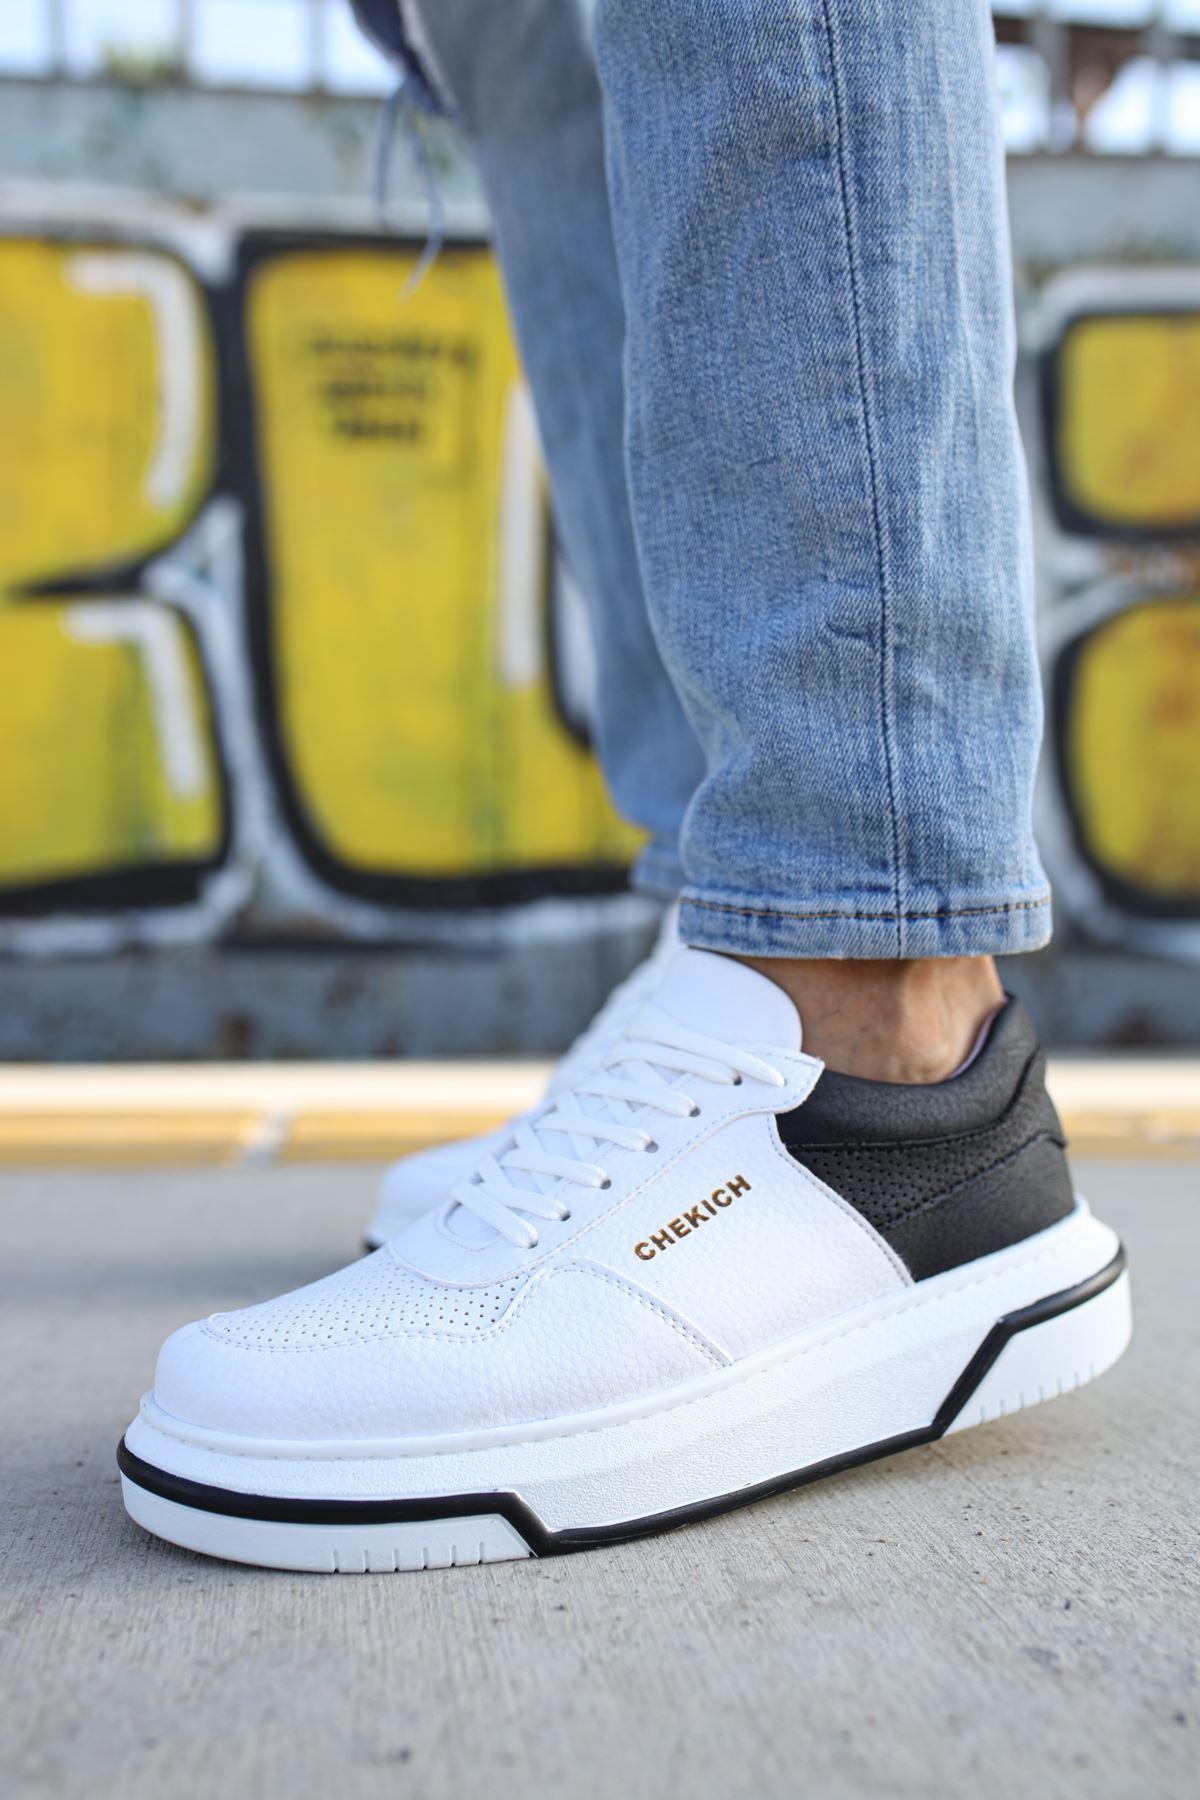 Chekich CH075 İpekyol Beyaz Taban Erkek Ayakkabı BEYAZ/SİYAH